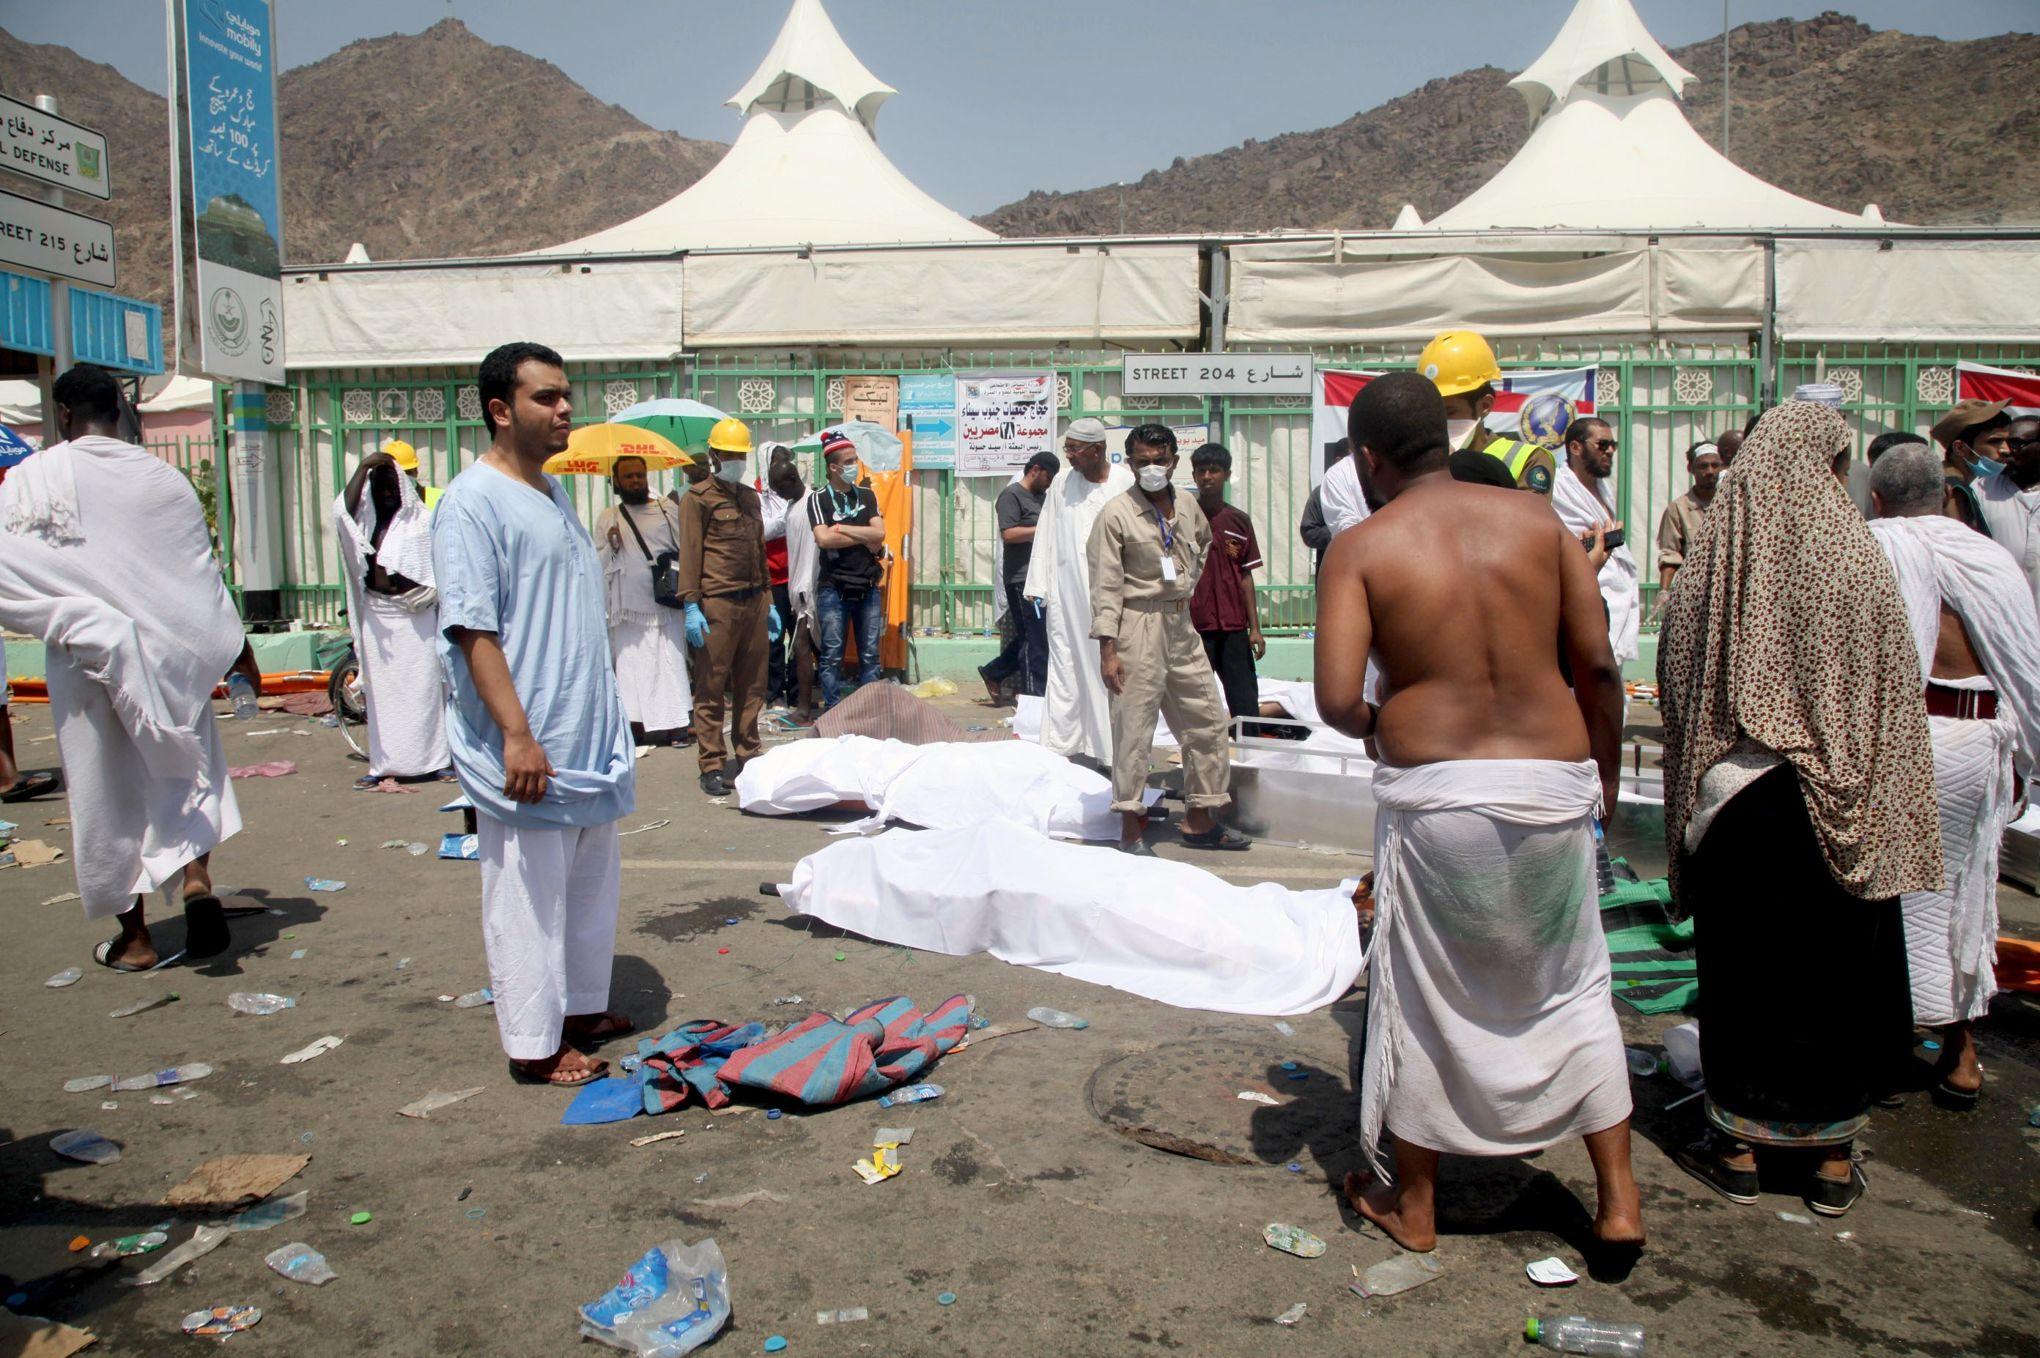 Arabie saoudite : six pèlerins britanniques tués dans un accident de la route